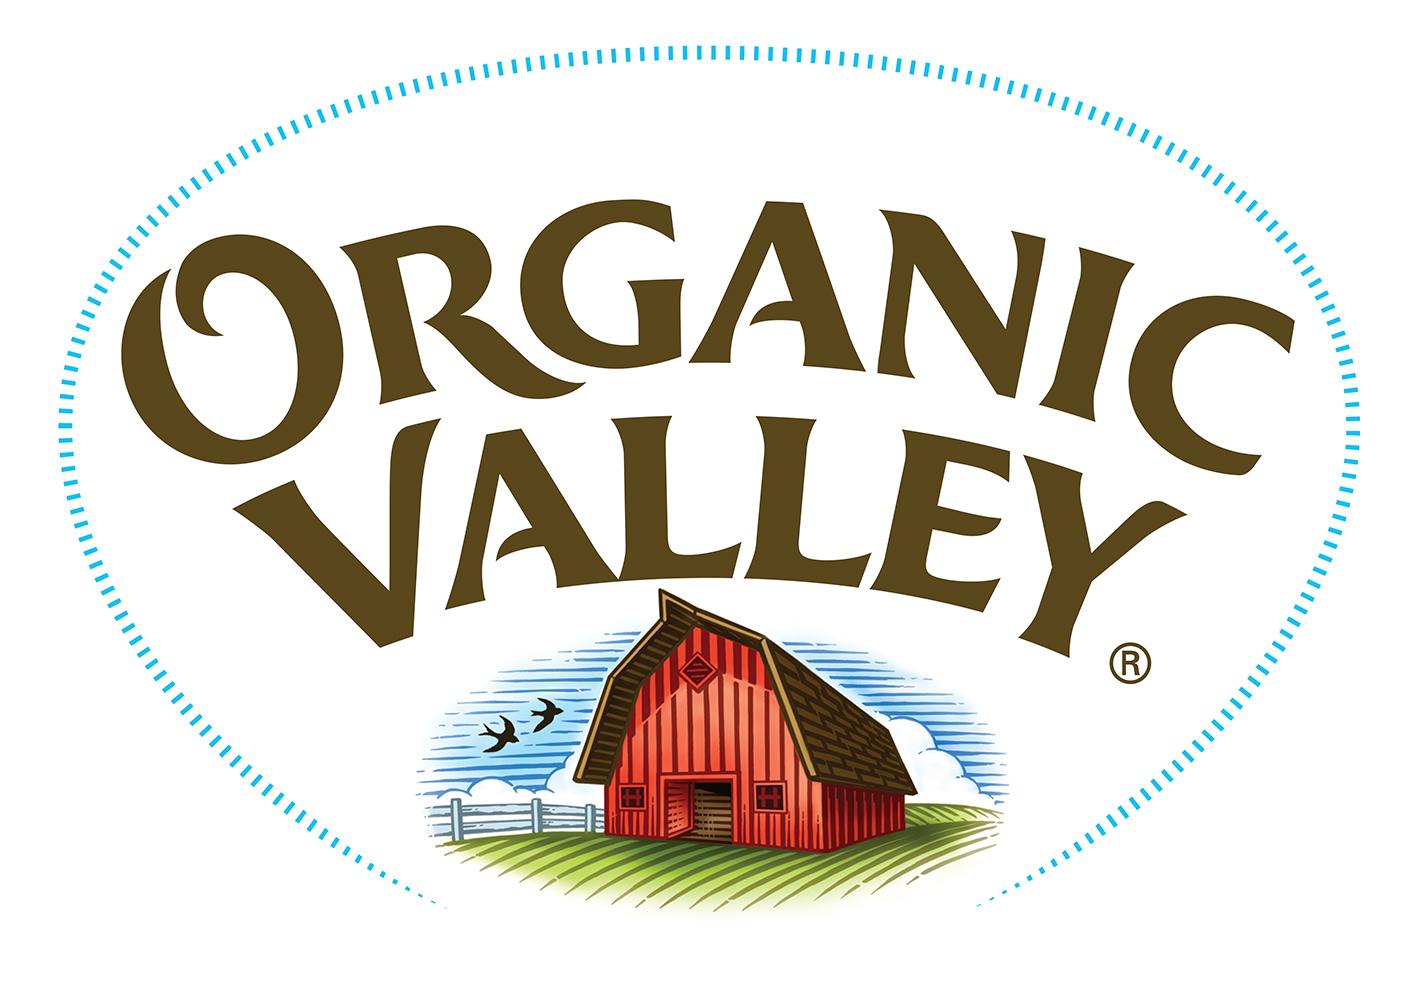 OV_Logo_4clr_(8)_(2).jpg